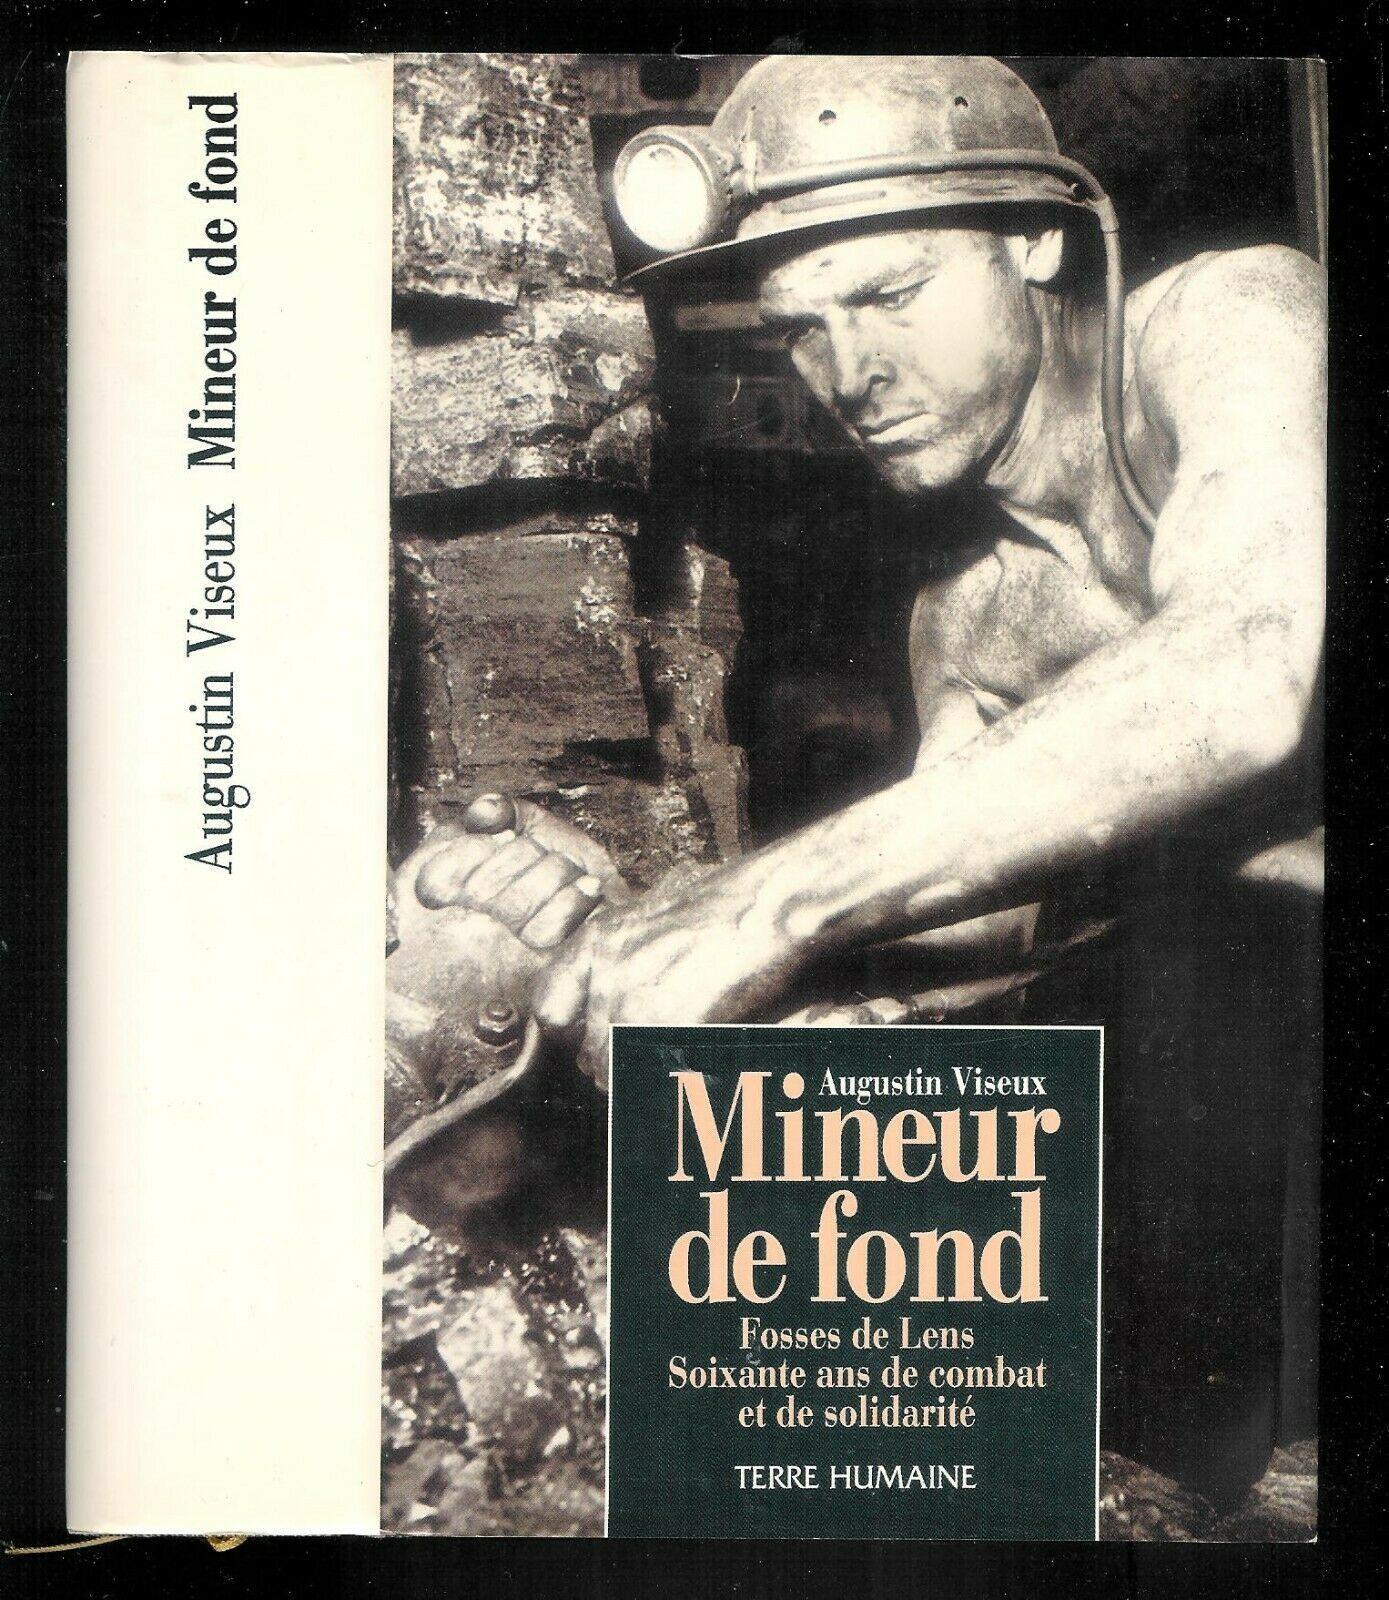 Epingle Par Pfeiffer Sur Lampe De Mineurs En 2020 Augustin